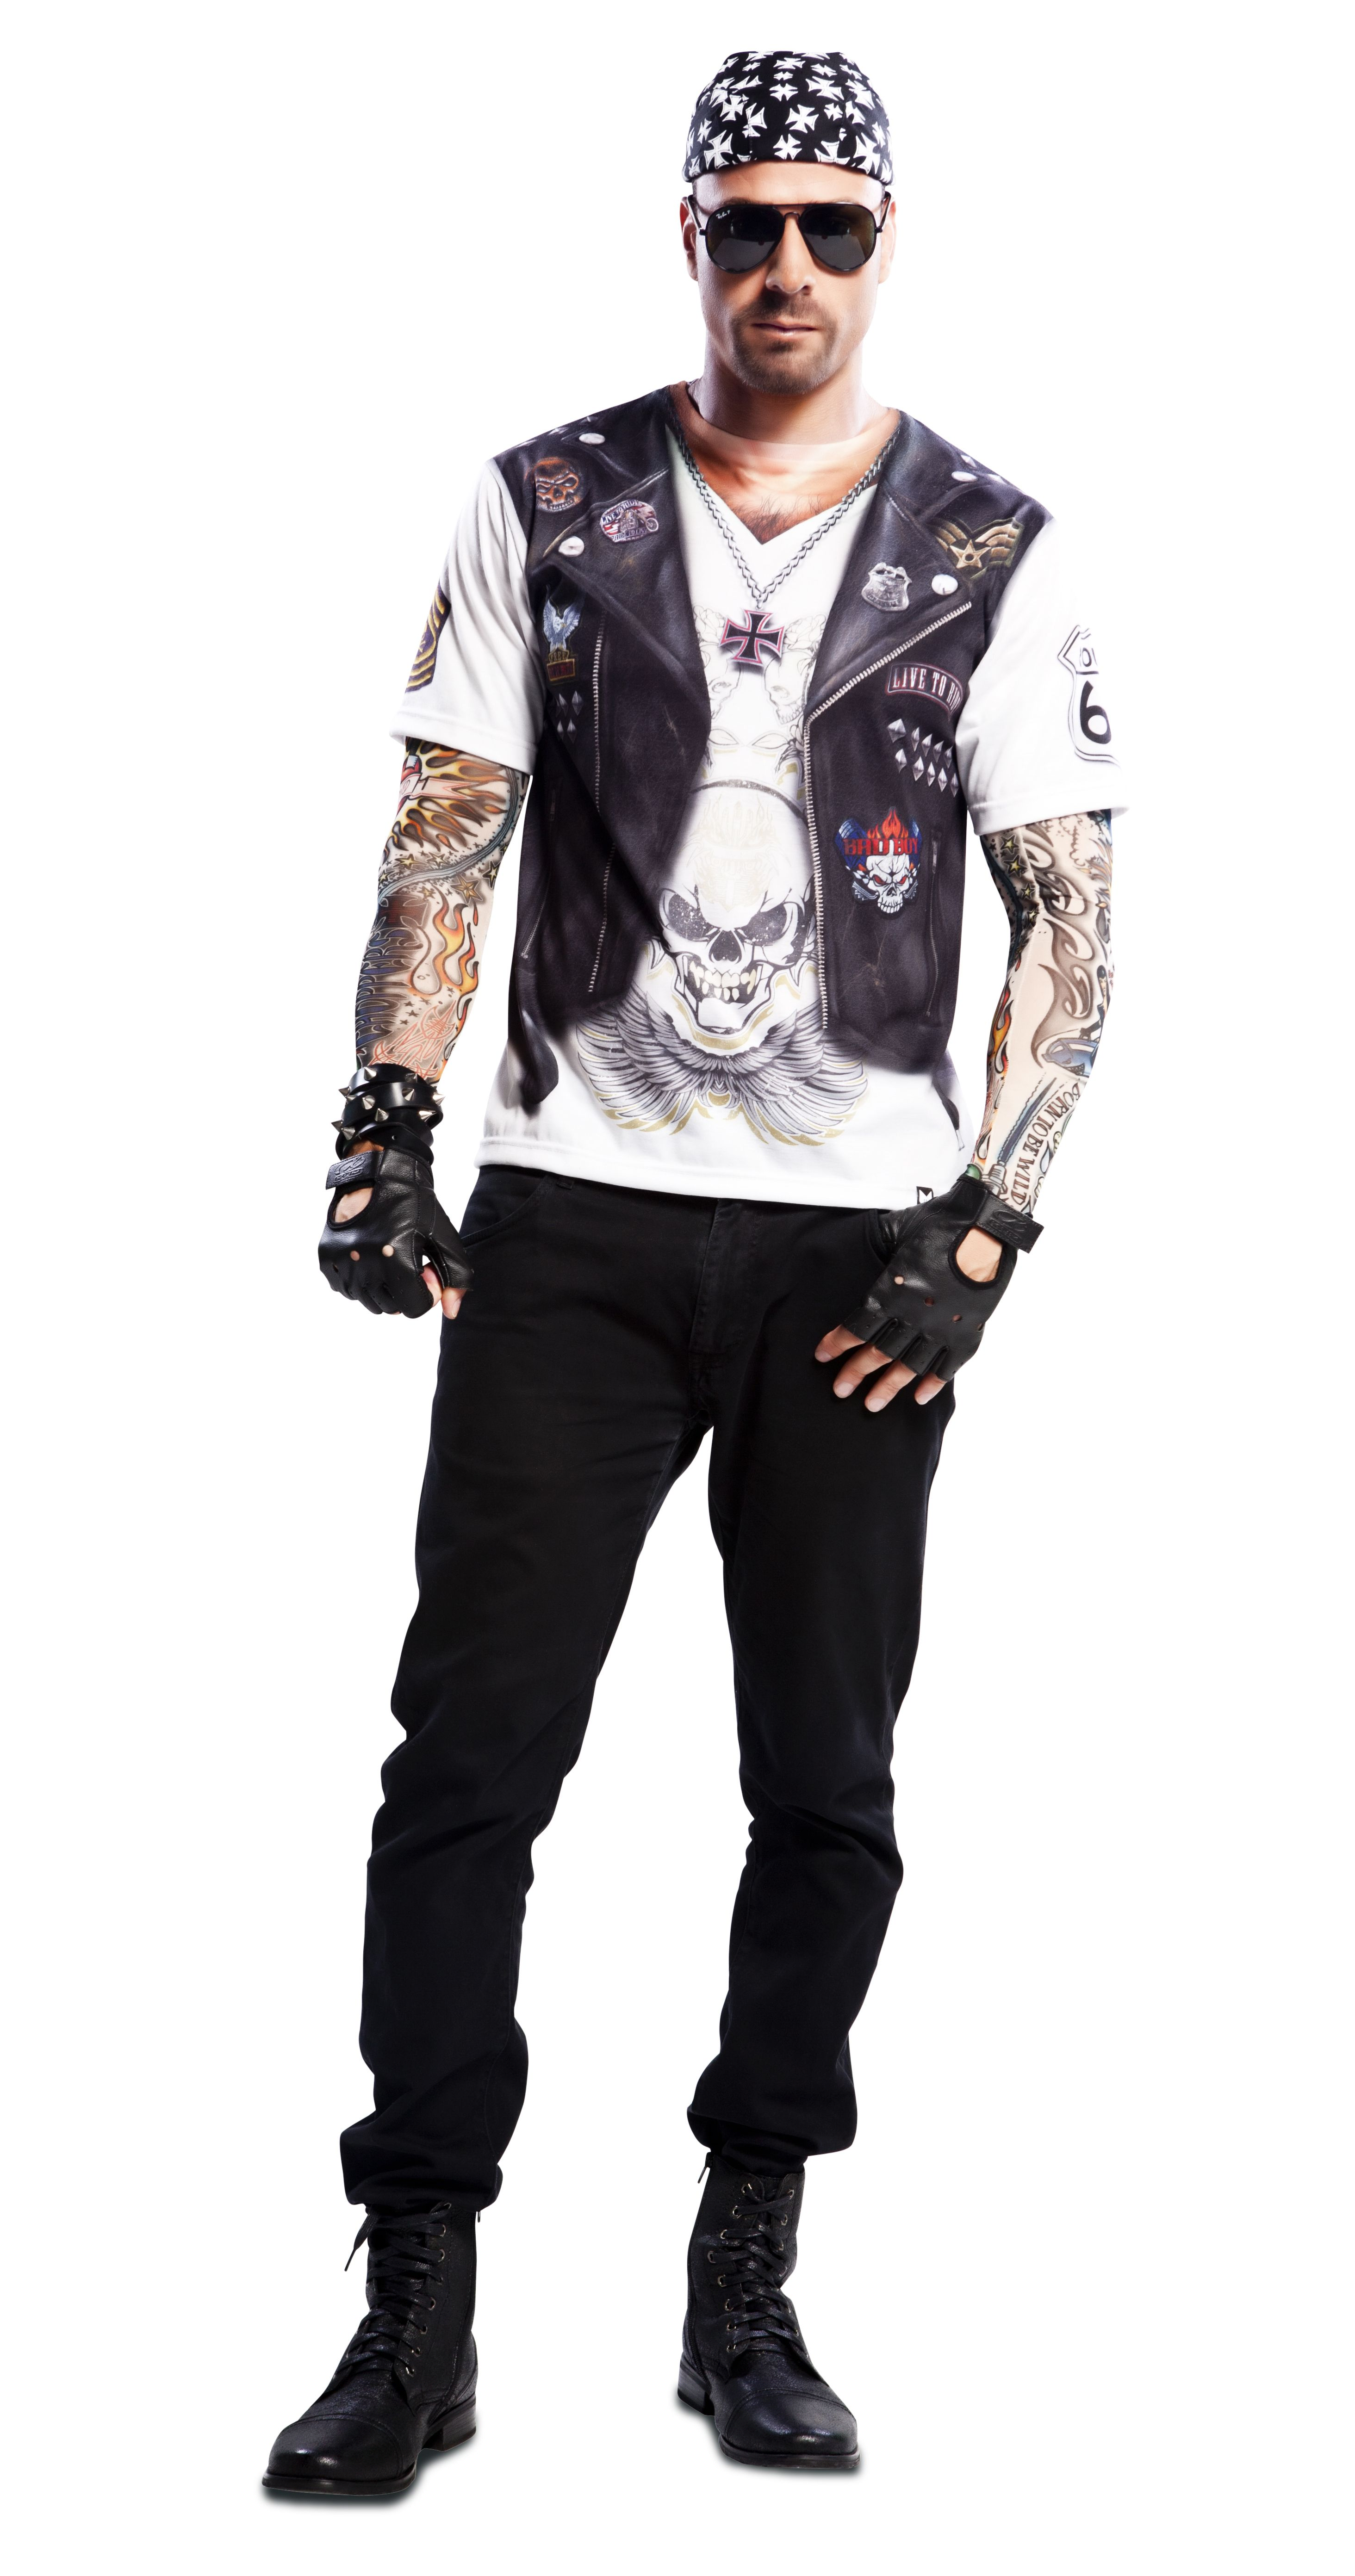 0af8205a79 Disfraz Hell boy.  Original  Costume  Carnaval  Motero  Motor  Camiseta   Original  Divertida  Tattoo